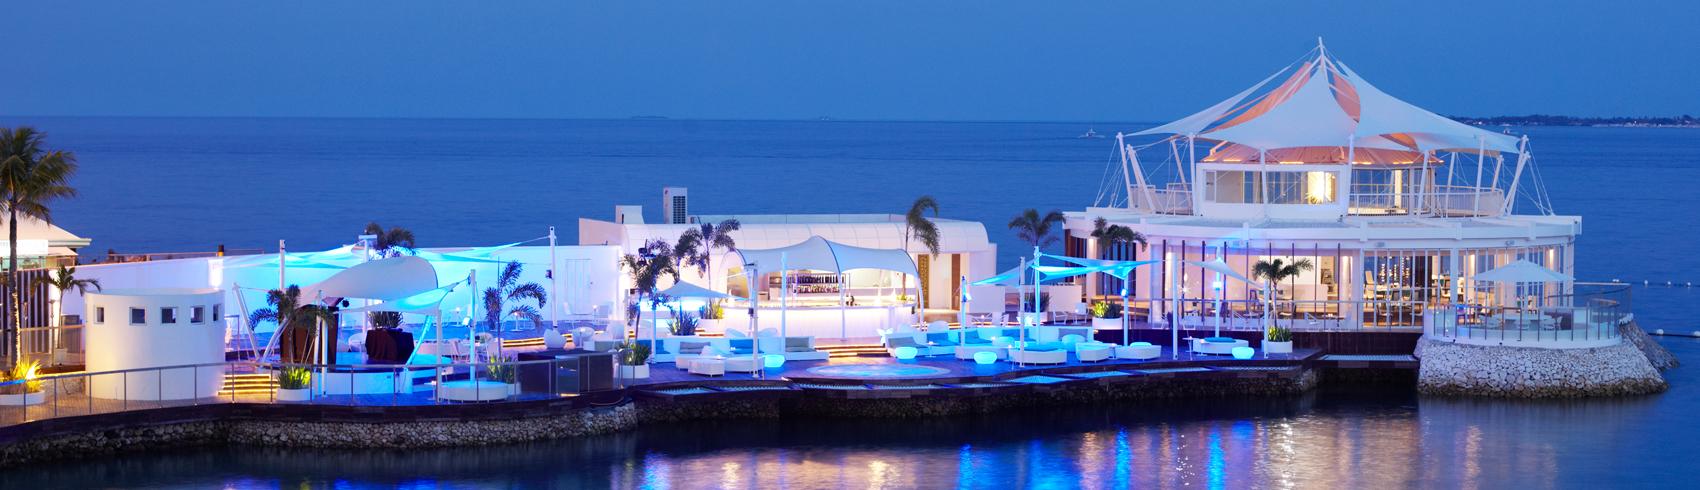 Hotel And Resort In Mactan Cebu